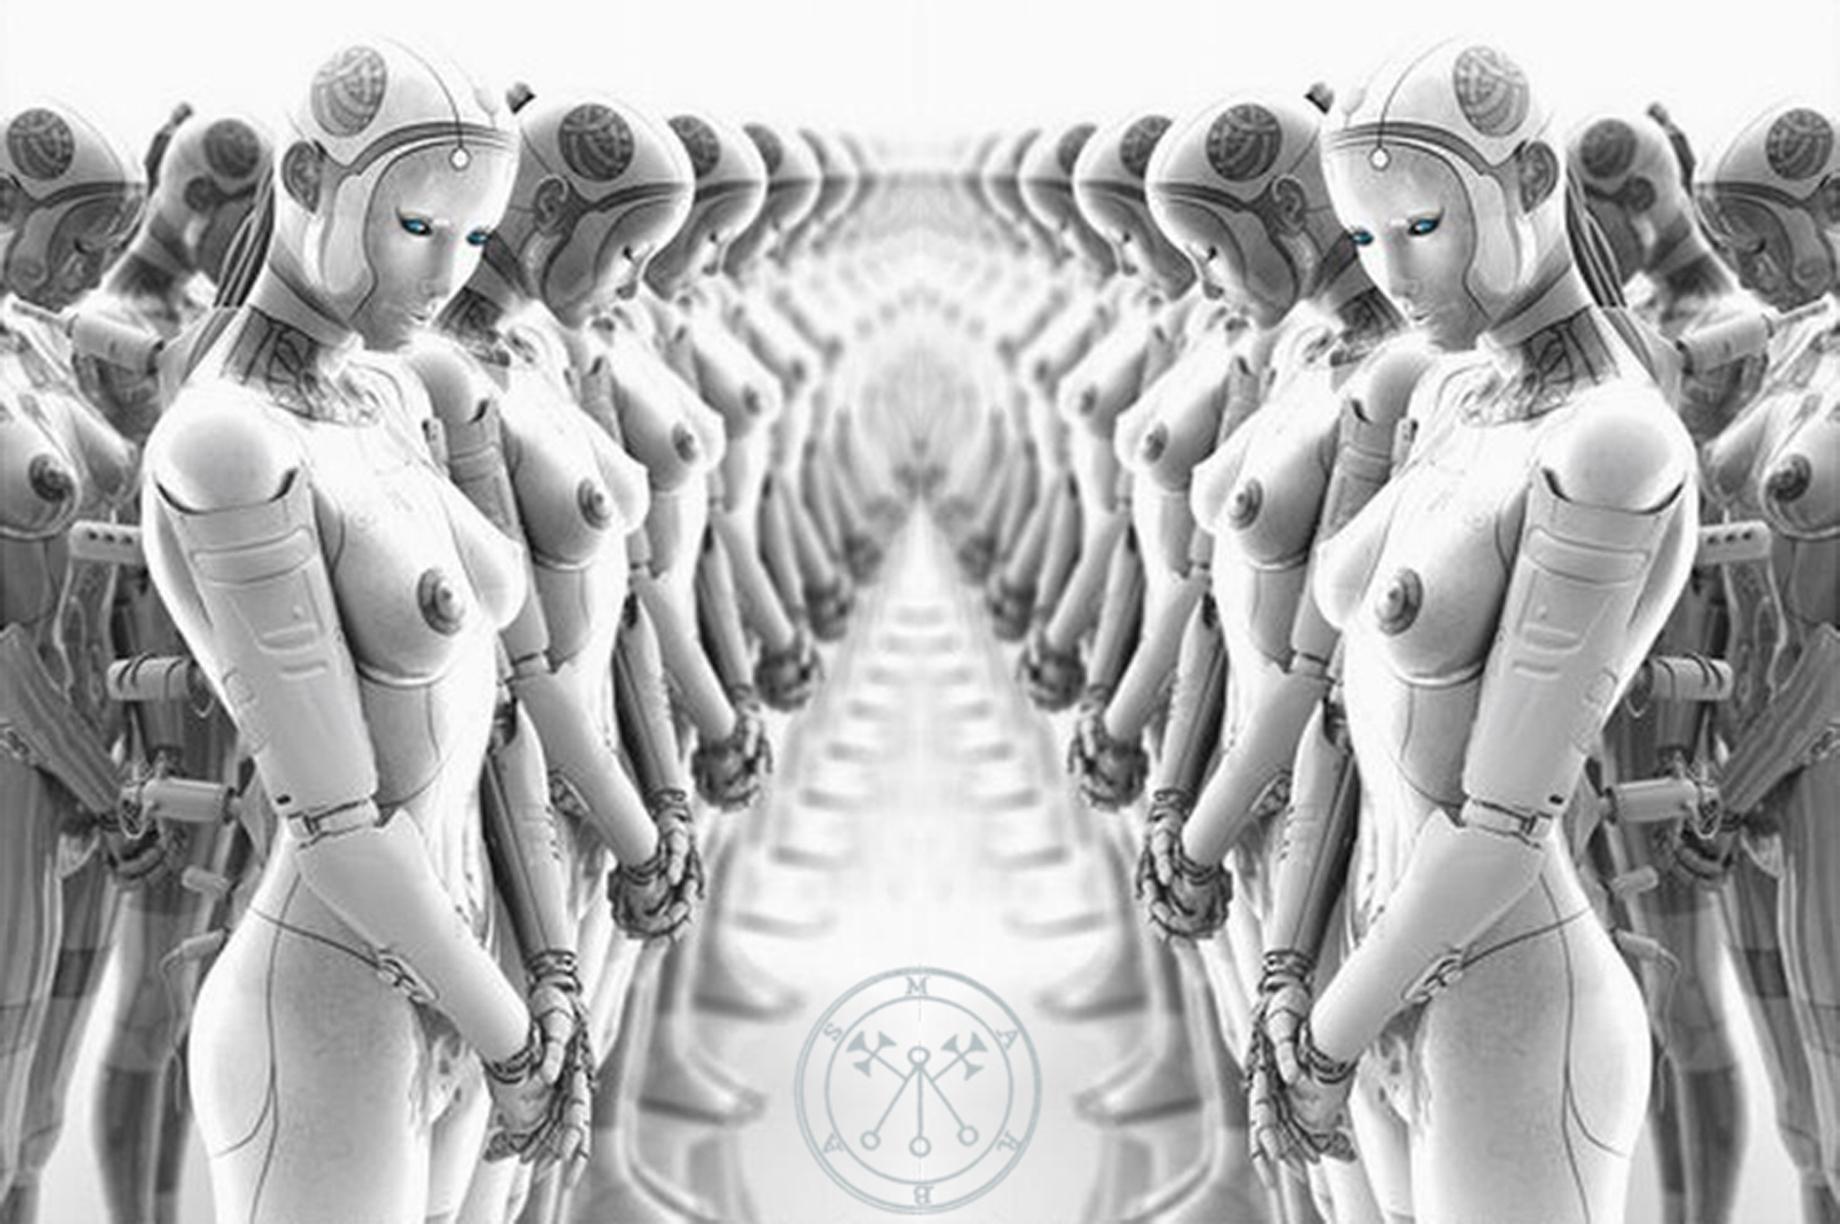 Секс с сексроботом, гиг порно секс роботы видео смотреть HD порно 9 фотография